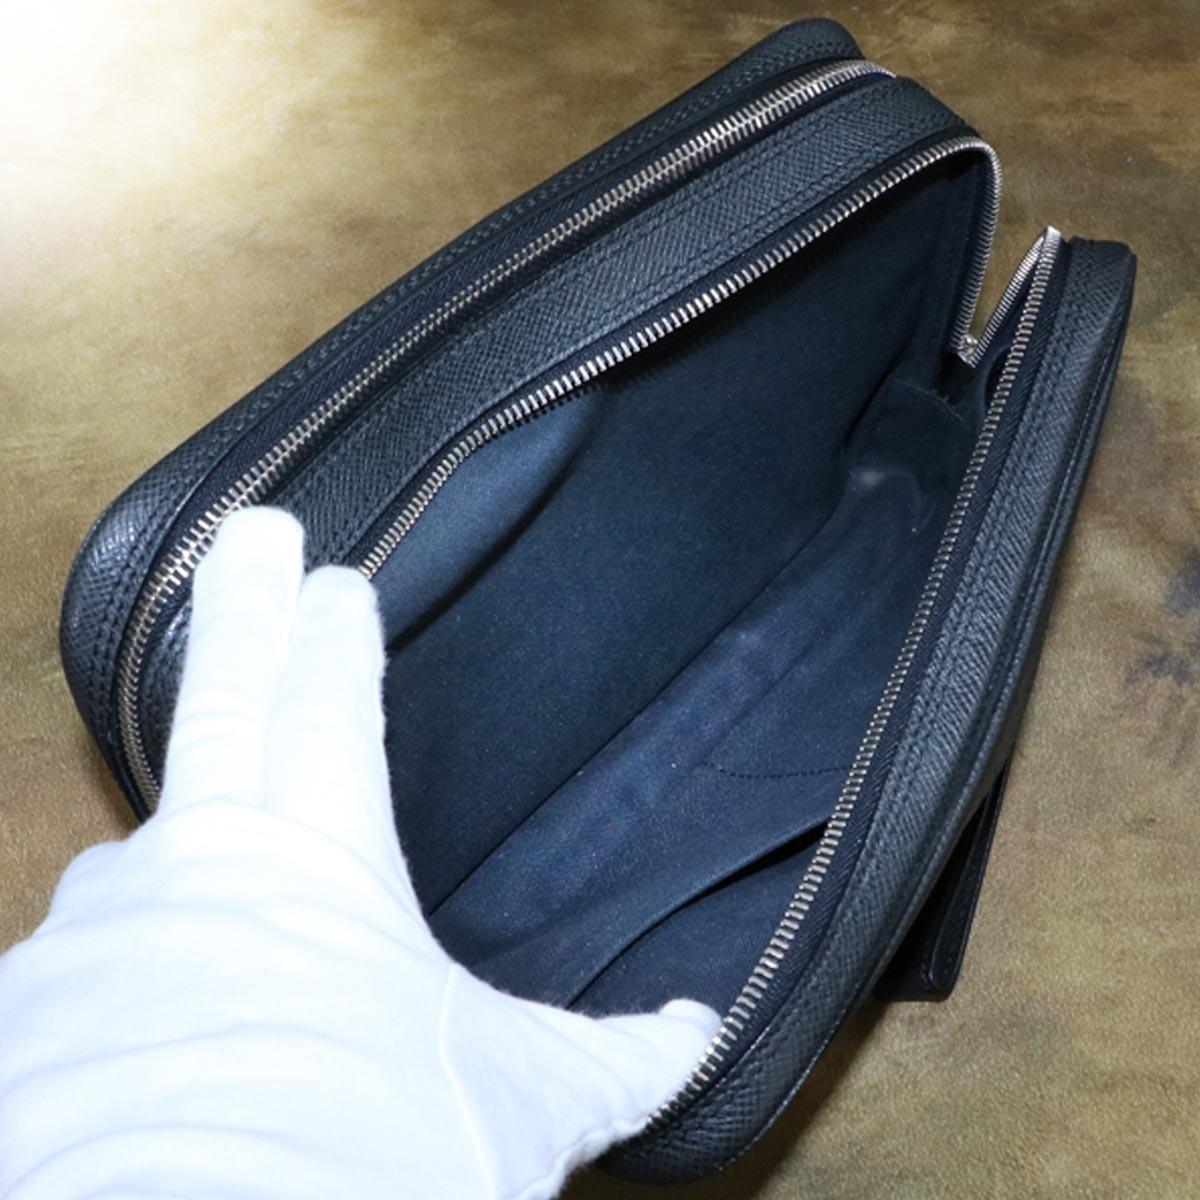 本物 極上品 ルイヴィトン タイガレザー カサイ メンズセカンドバッグ アルドワーズ SV金具 ストラップ付きクラッチバッグ LOUIS VUITTON_画像8